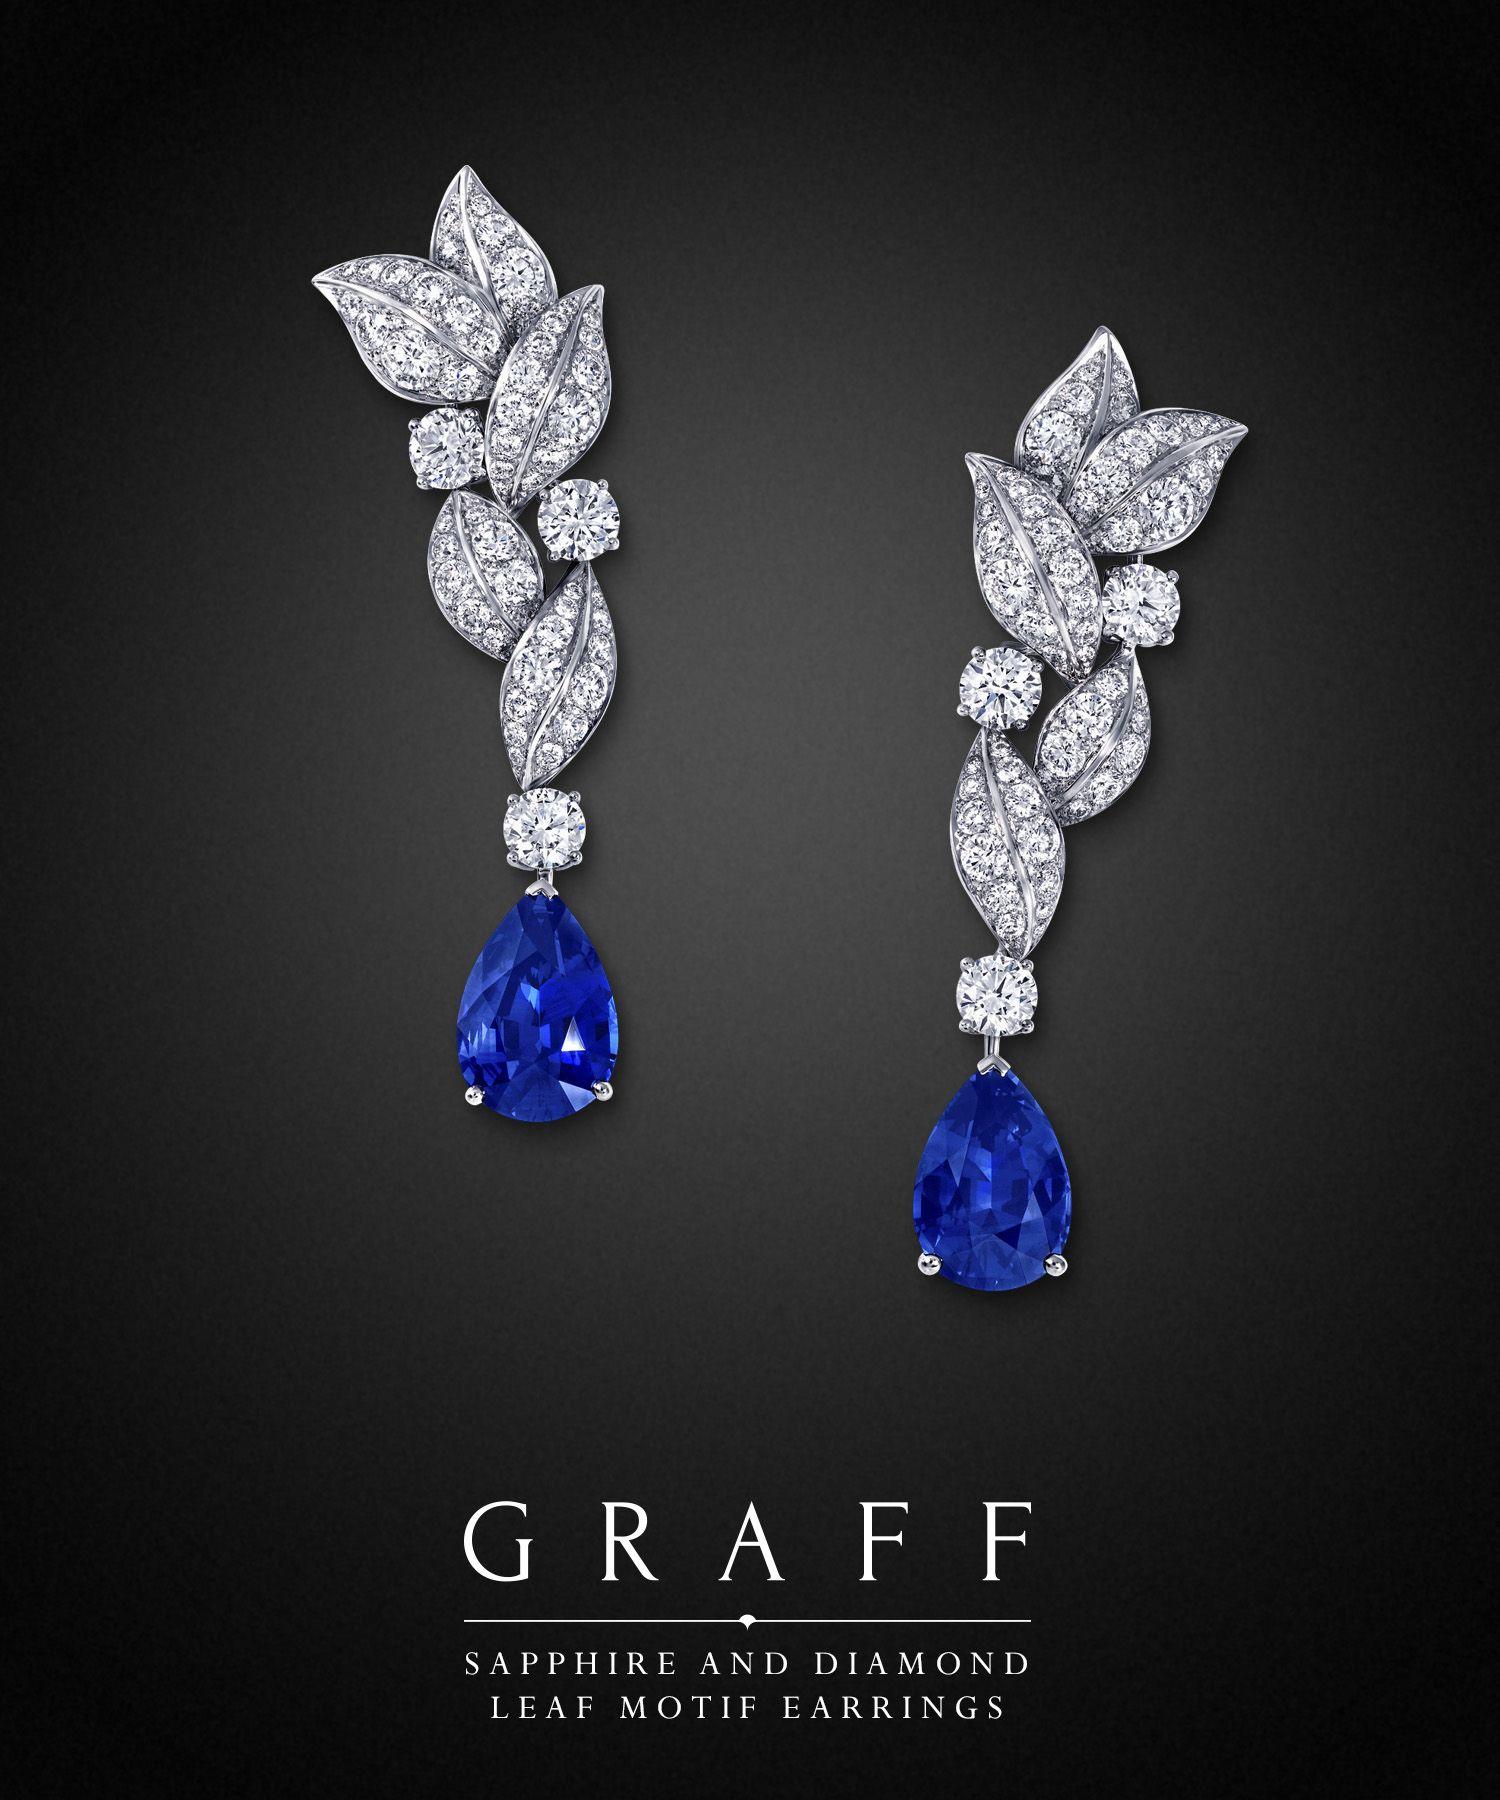 A pair of diamond earrings by Harry Winston christiesjewels